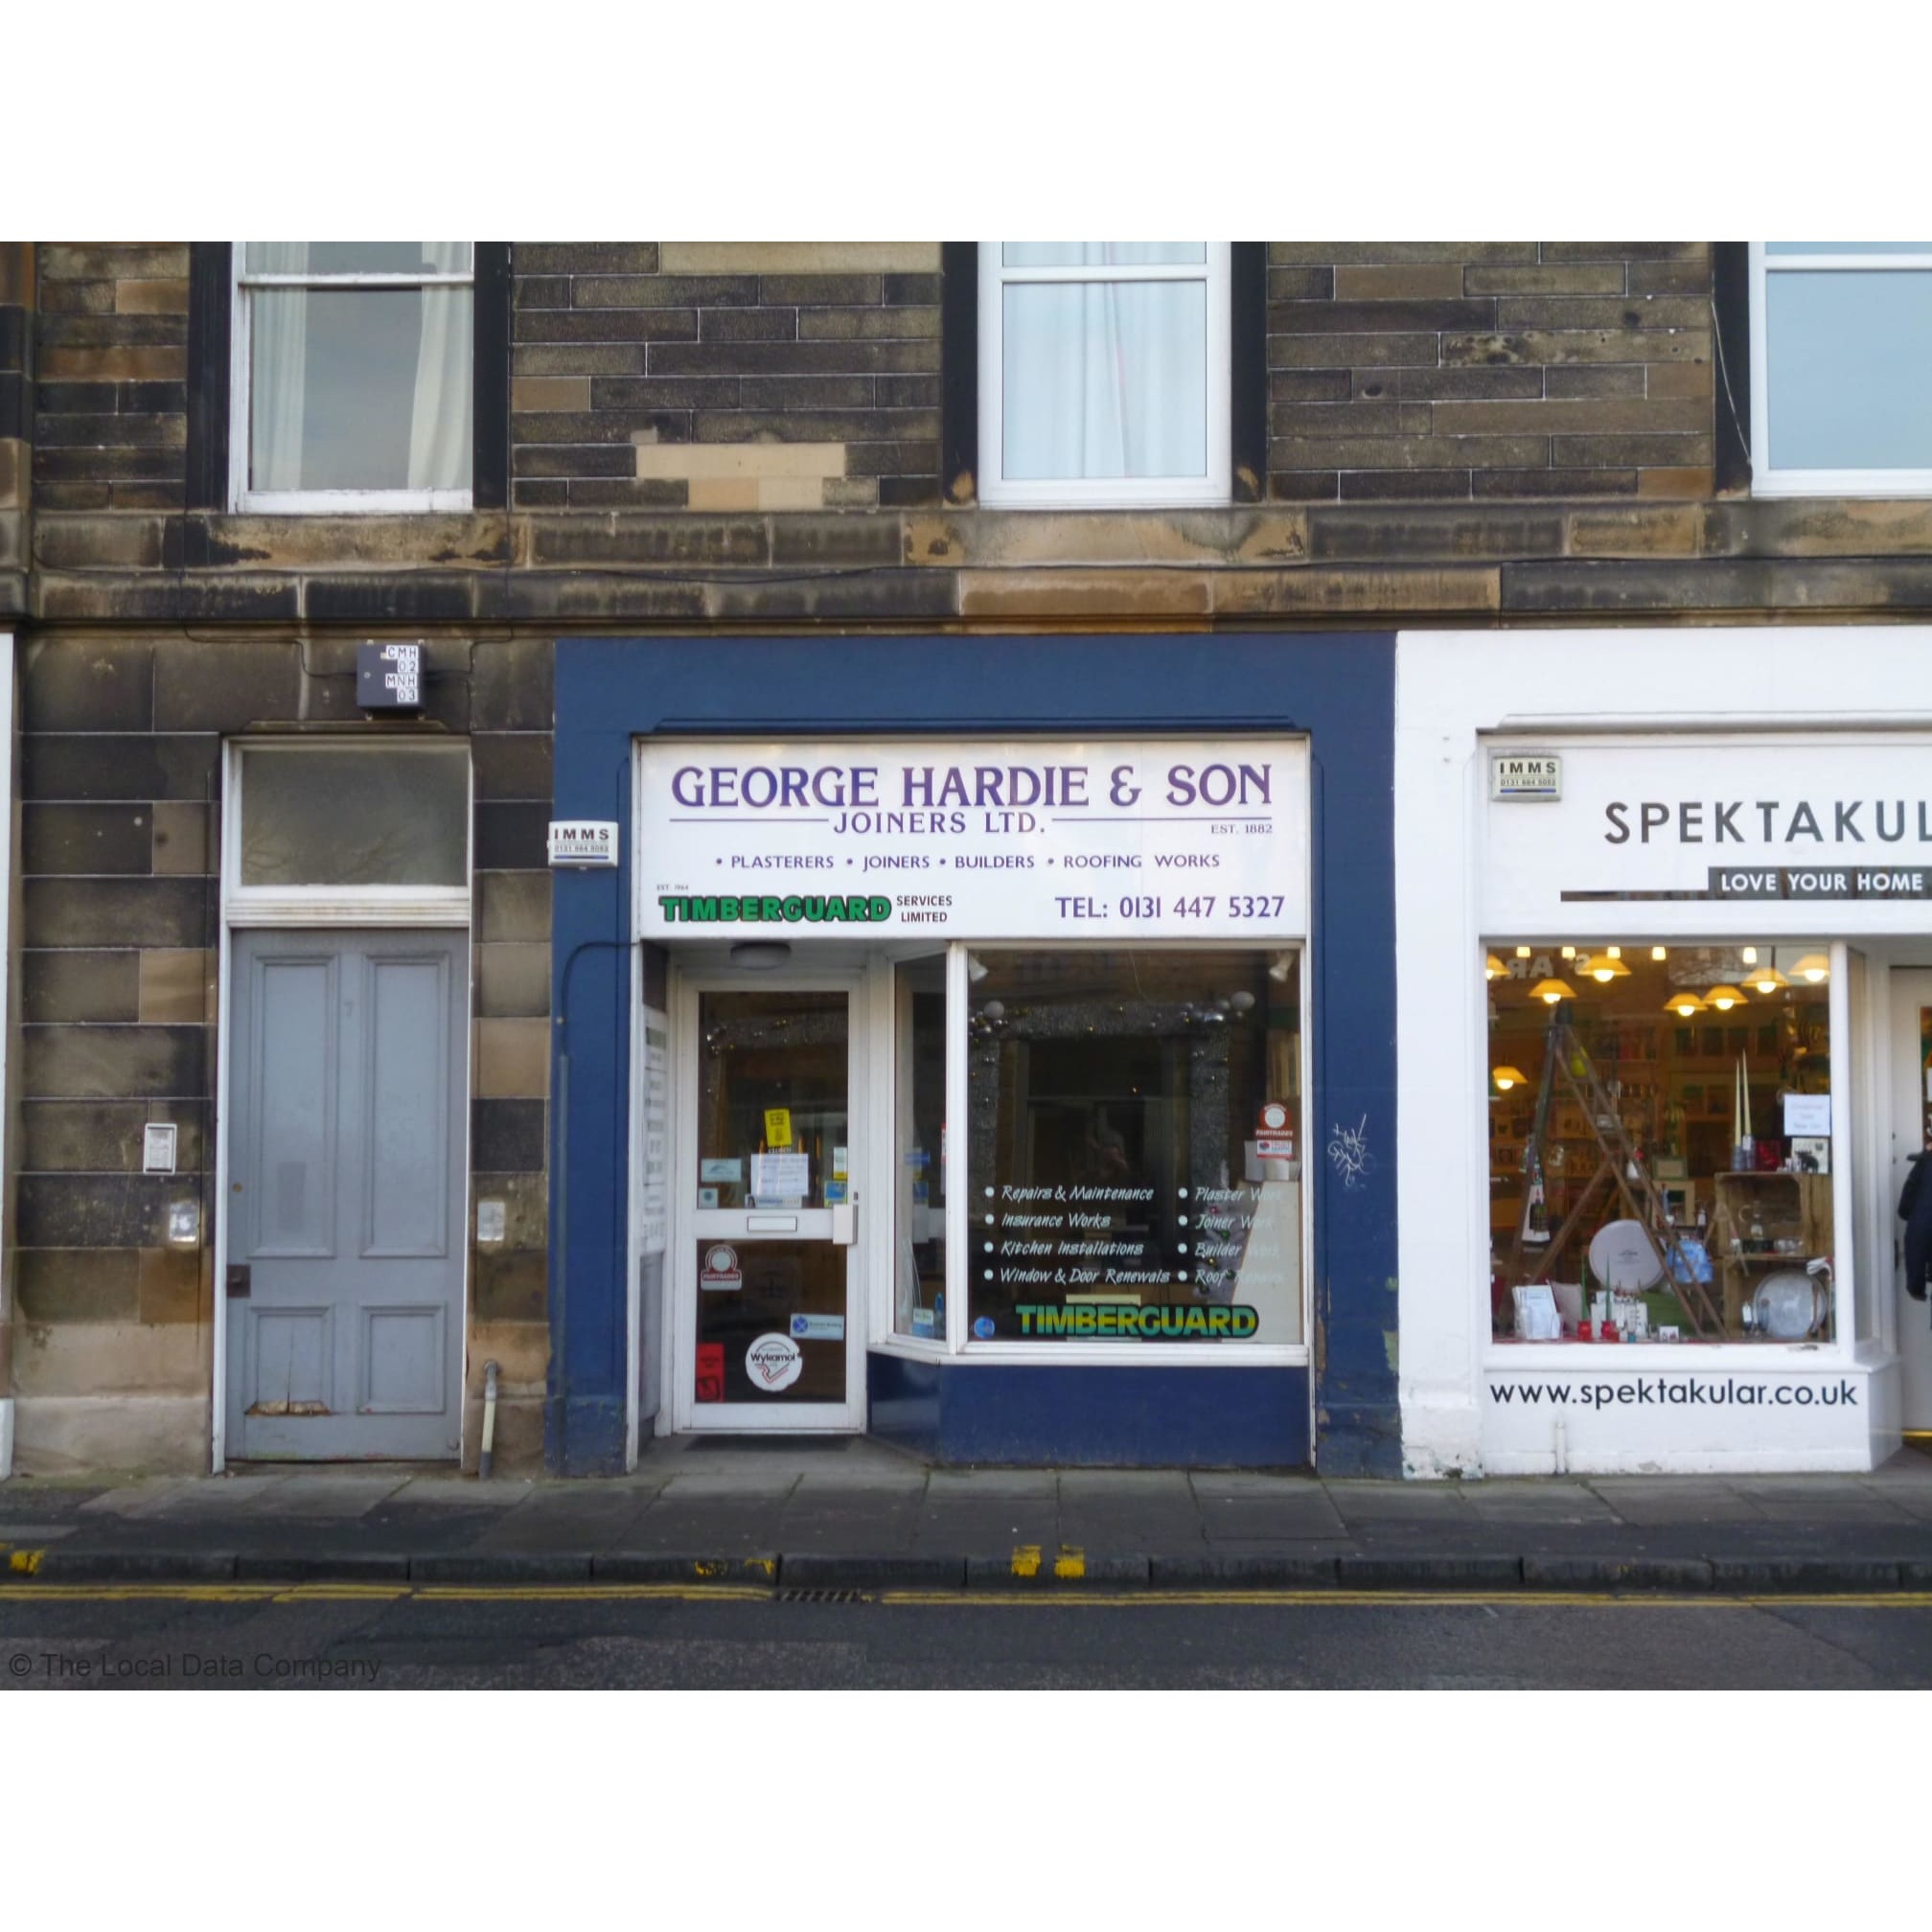 George Hardie & Son (Joiners) Ltd